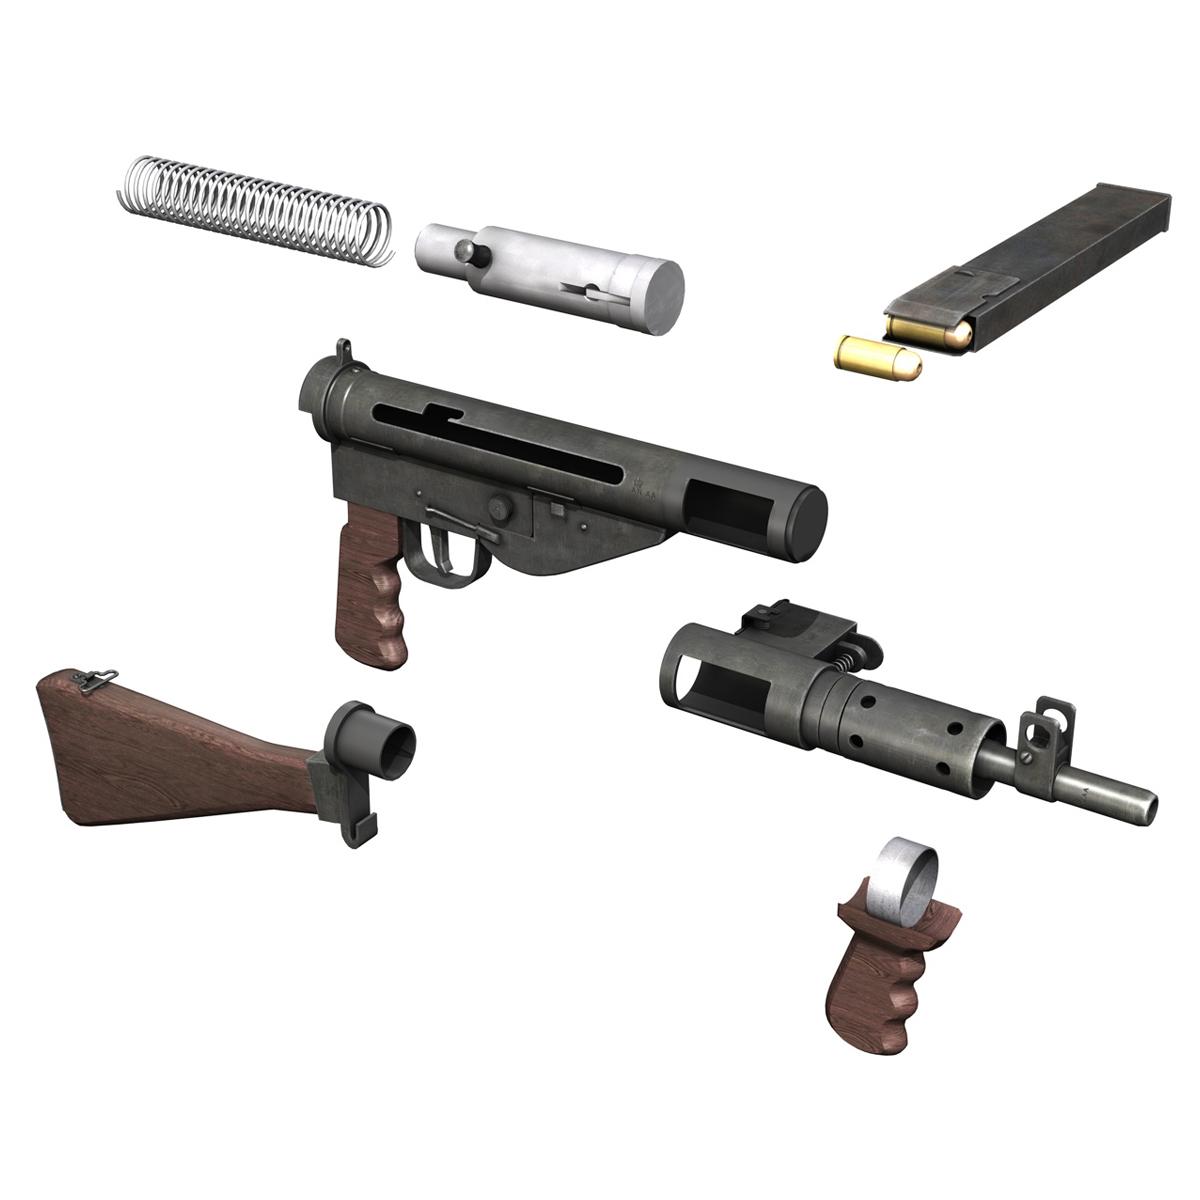 sten mk.v submachine gun 3d model 3ds fbx c4d lwo obj 195130